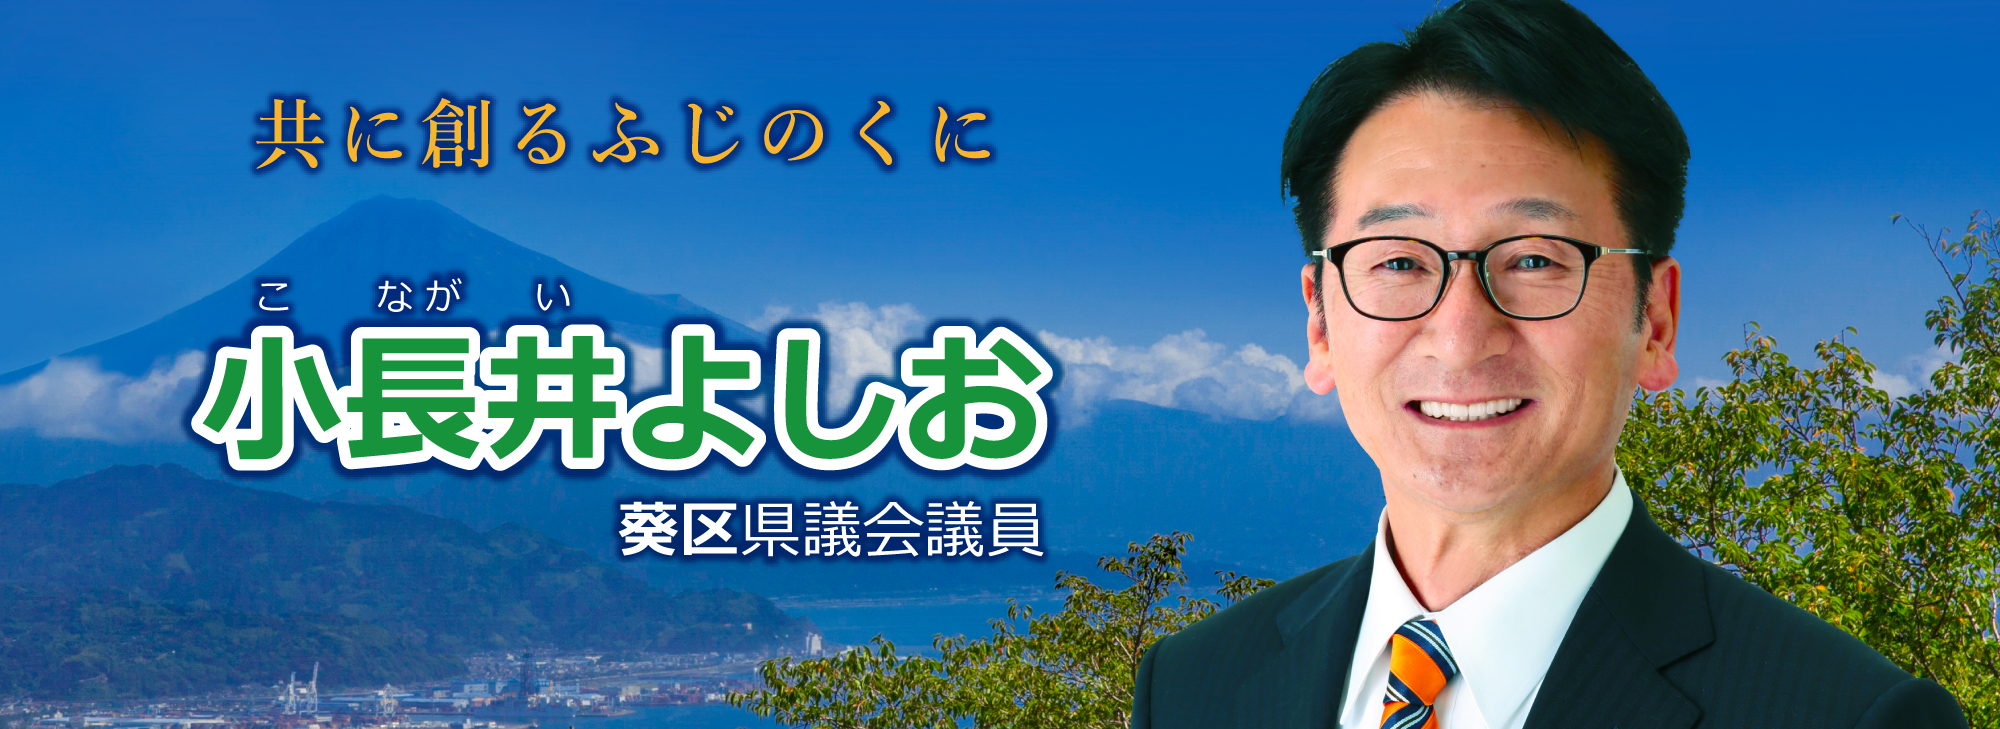 県議会議員 小長井よしお